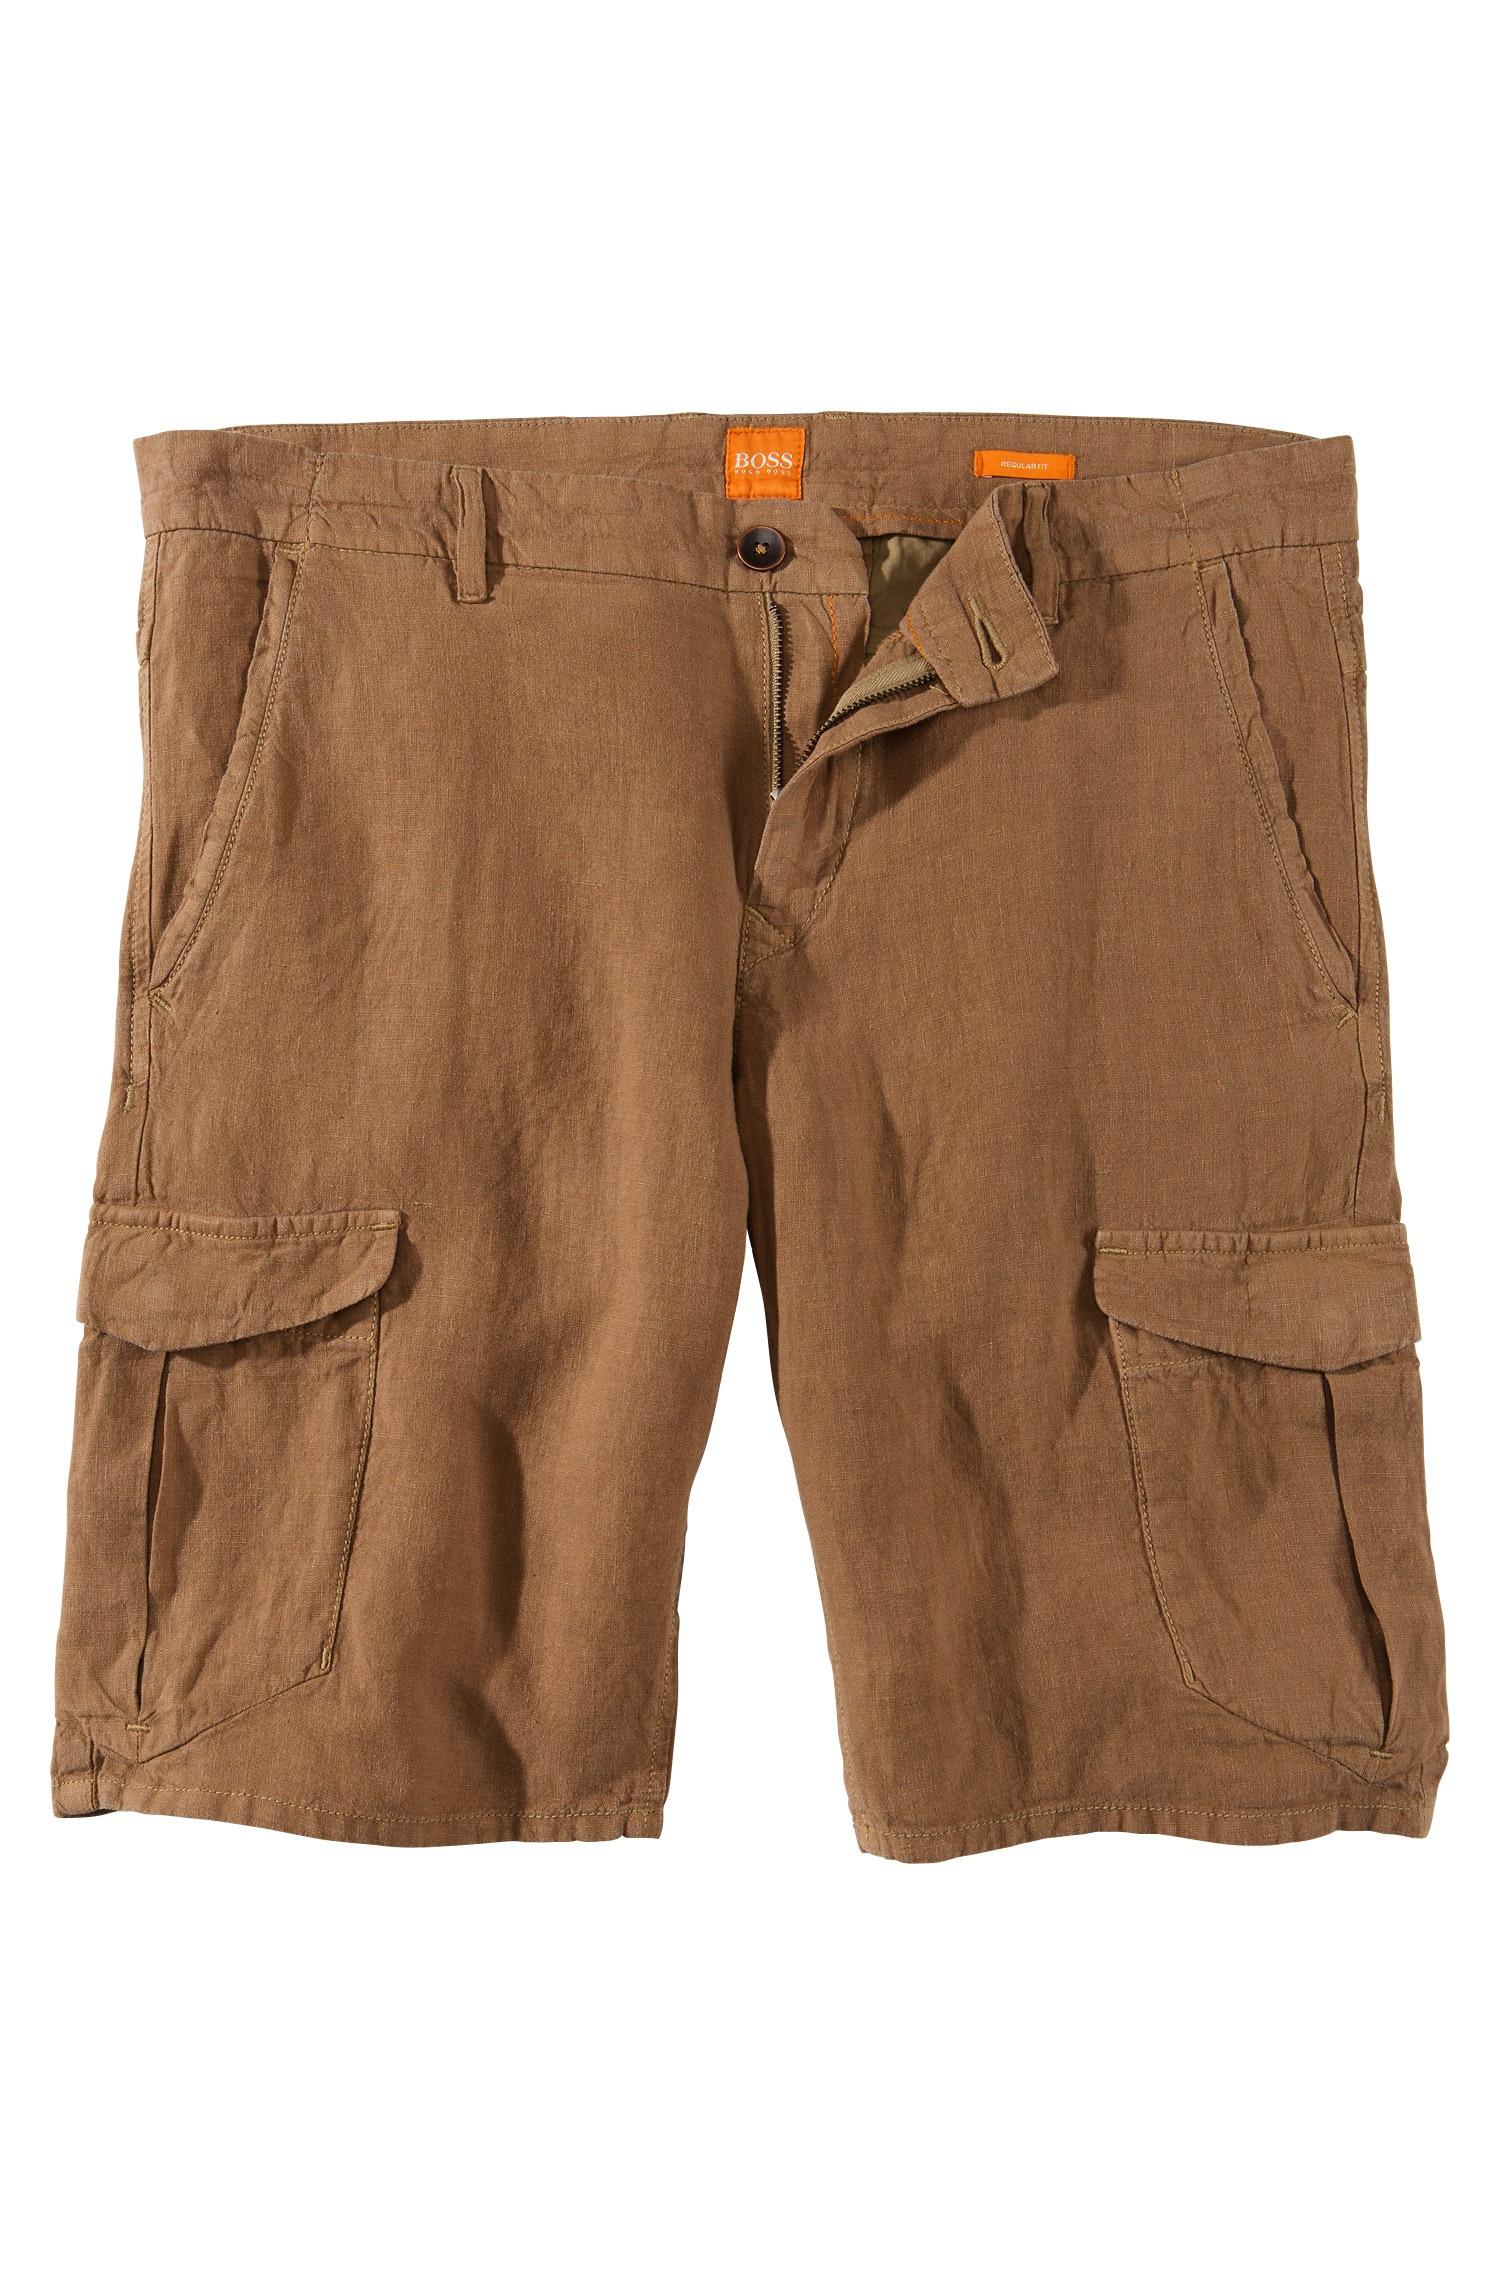 fc710817e BOSS Orange 'schwinn' | Regular Fit Linen Cargo Shorts in Natural ...